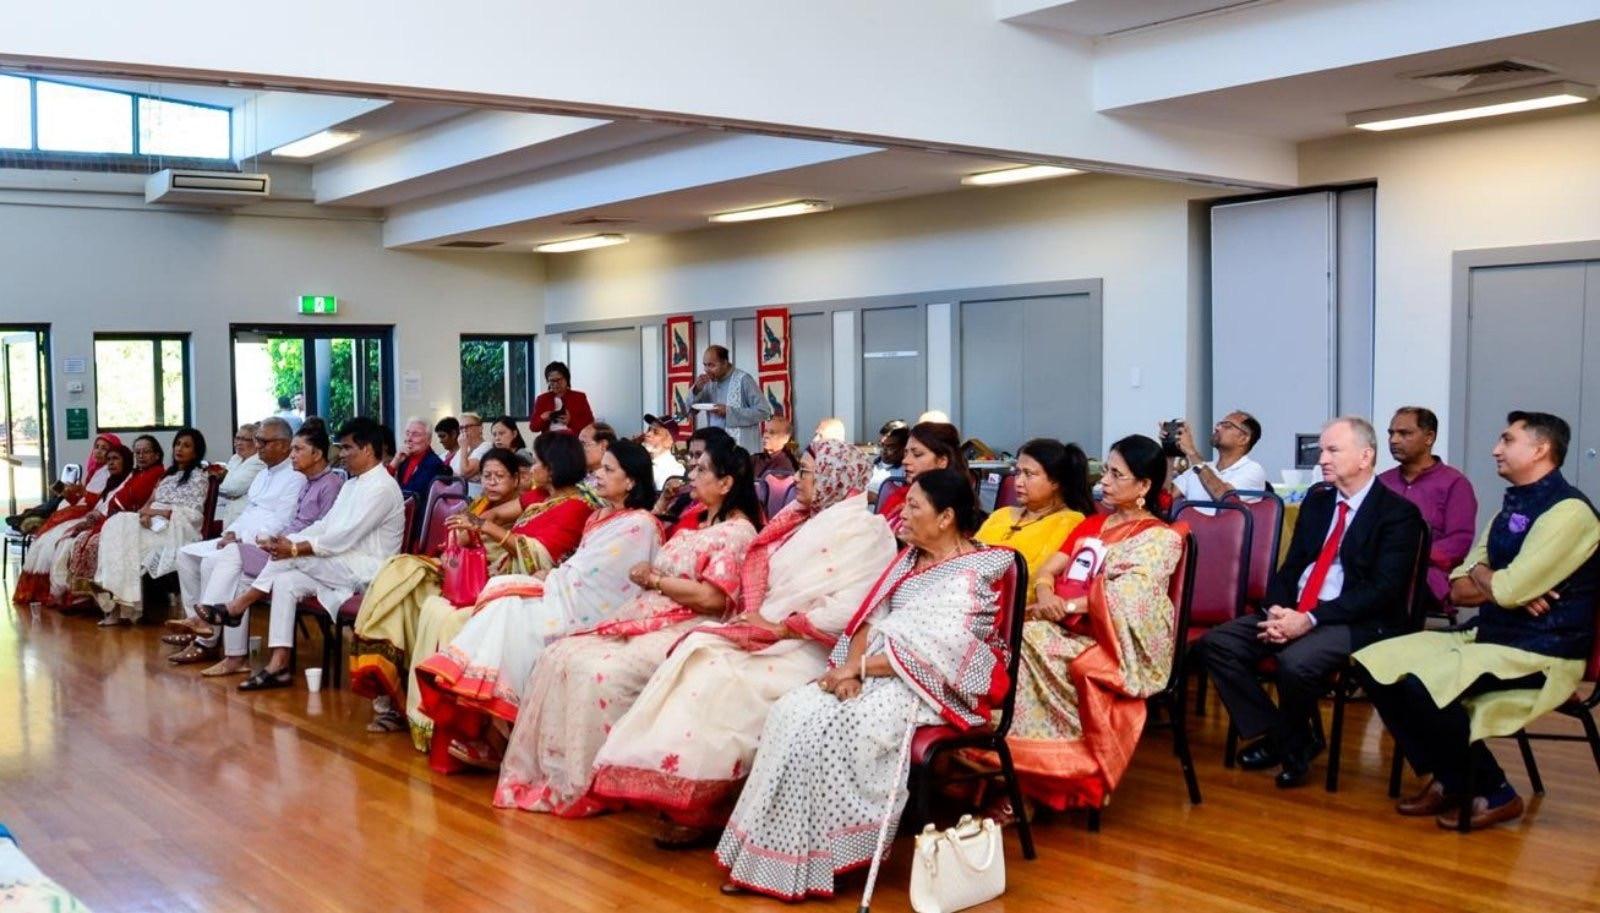 Cultural Diversity Network Inc